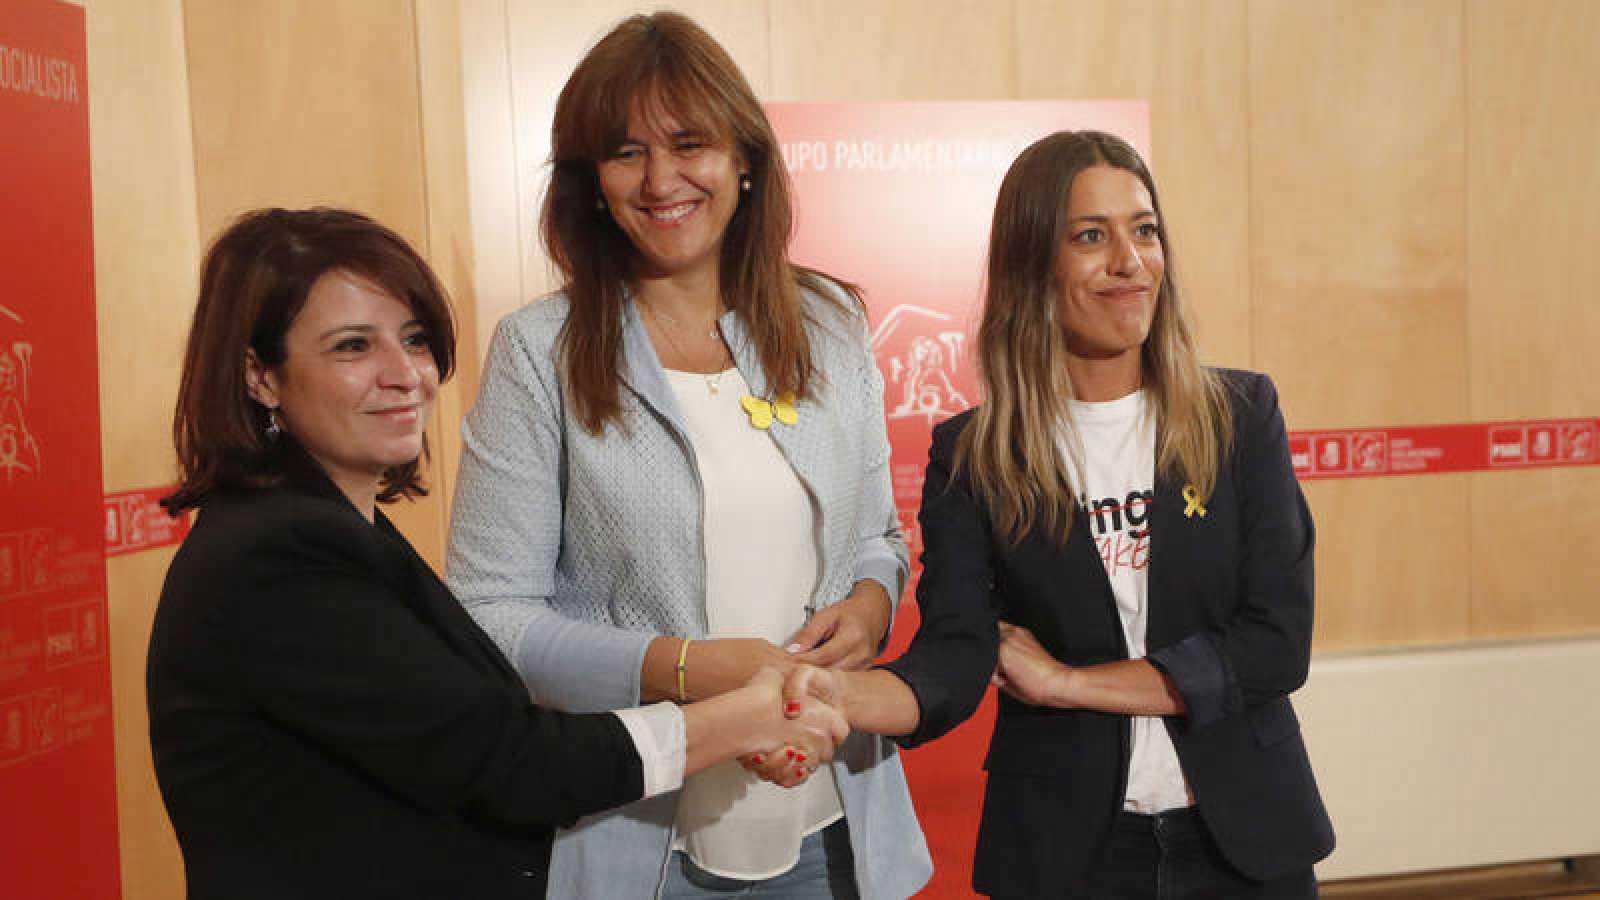 La portavoz del Grupo Socialista en el Congreso, Adriana Lastra, mantiene una reunión con la portavoz de Junts en el Congreso, Laura Borràs, y la vicepresidenta del PDeCAT, Miriam Nogueras